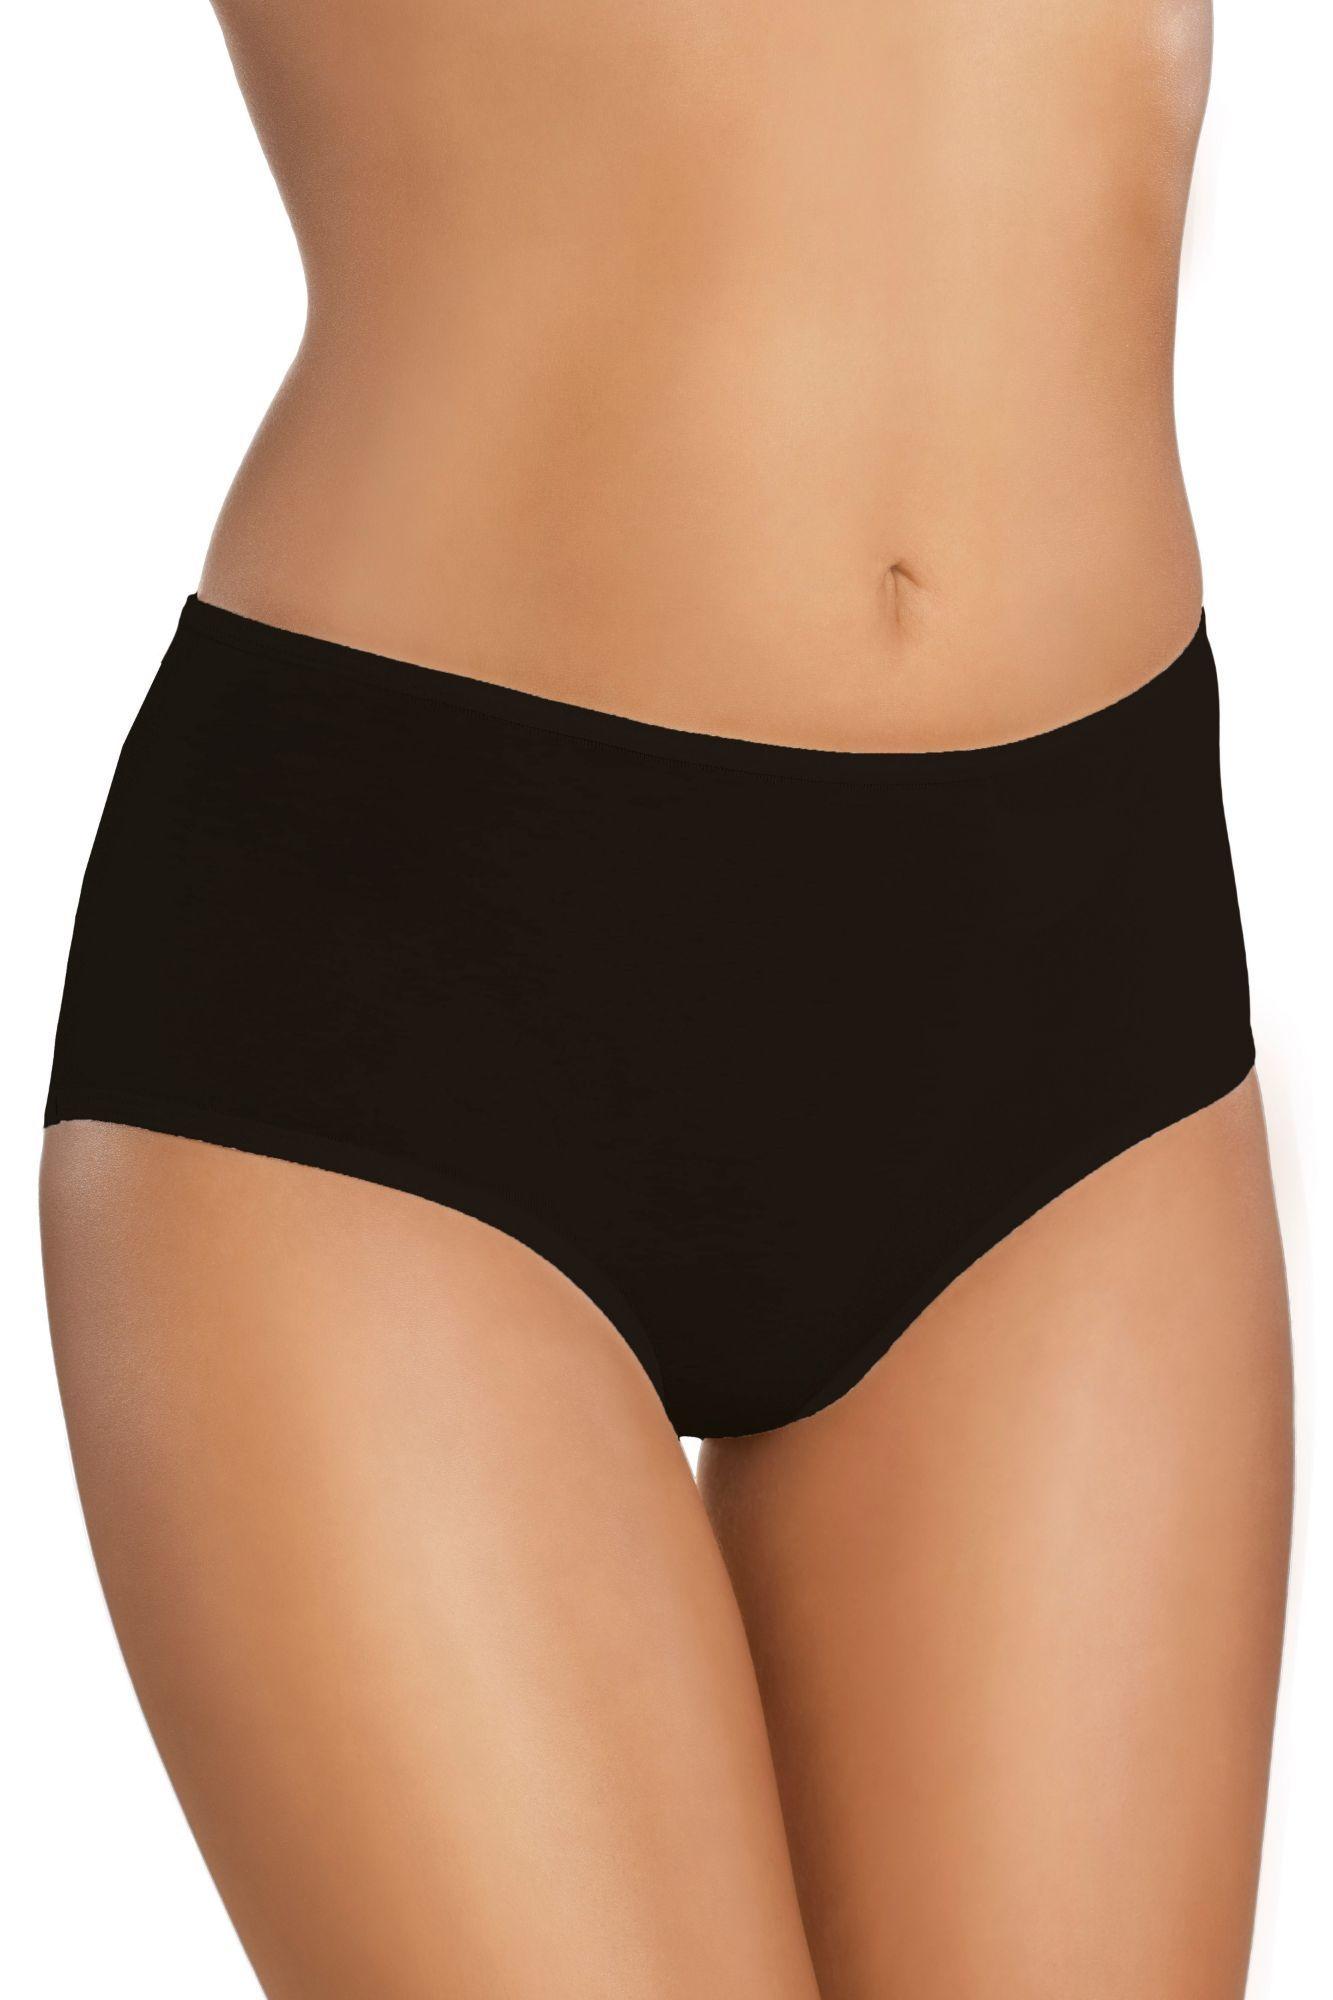 2f3c62145 Bavlnené dámske nohavičky s vyšším pásom 18 čierne - ELEGANT.sk